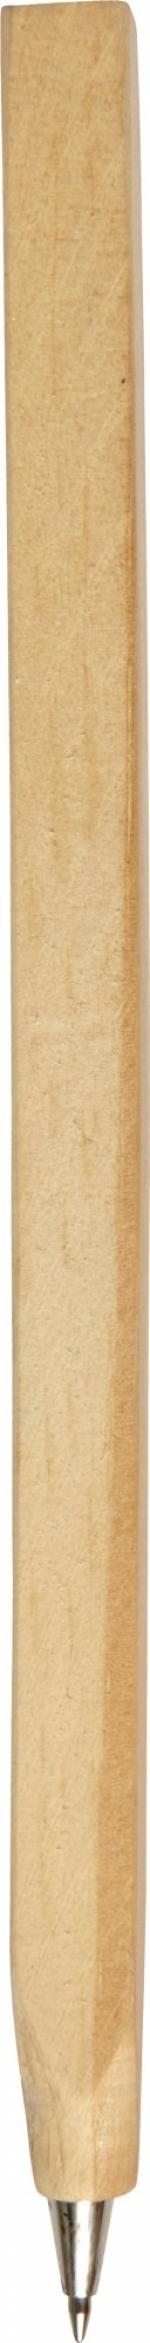 penne-in-legno-righello